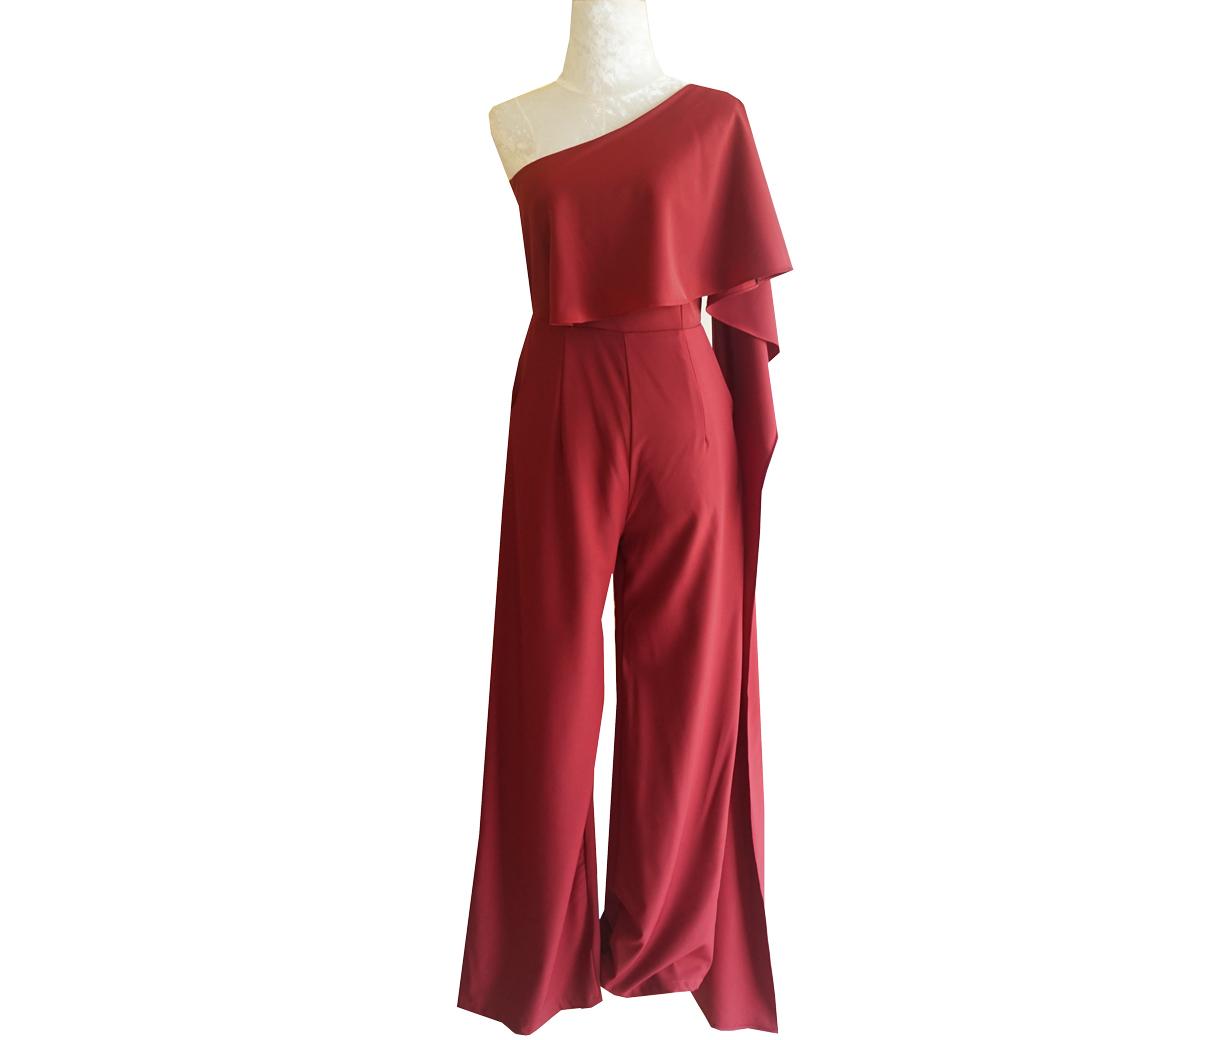 ชุดจั๊มสูทกางเกงขายาวสีแดง ไหล่เฉียงสไบข้าง : สินค้าพร้อมส่ง S M L